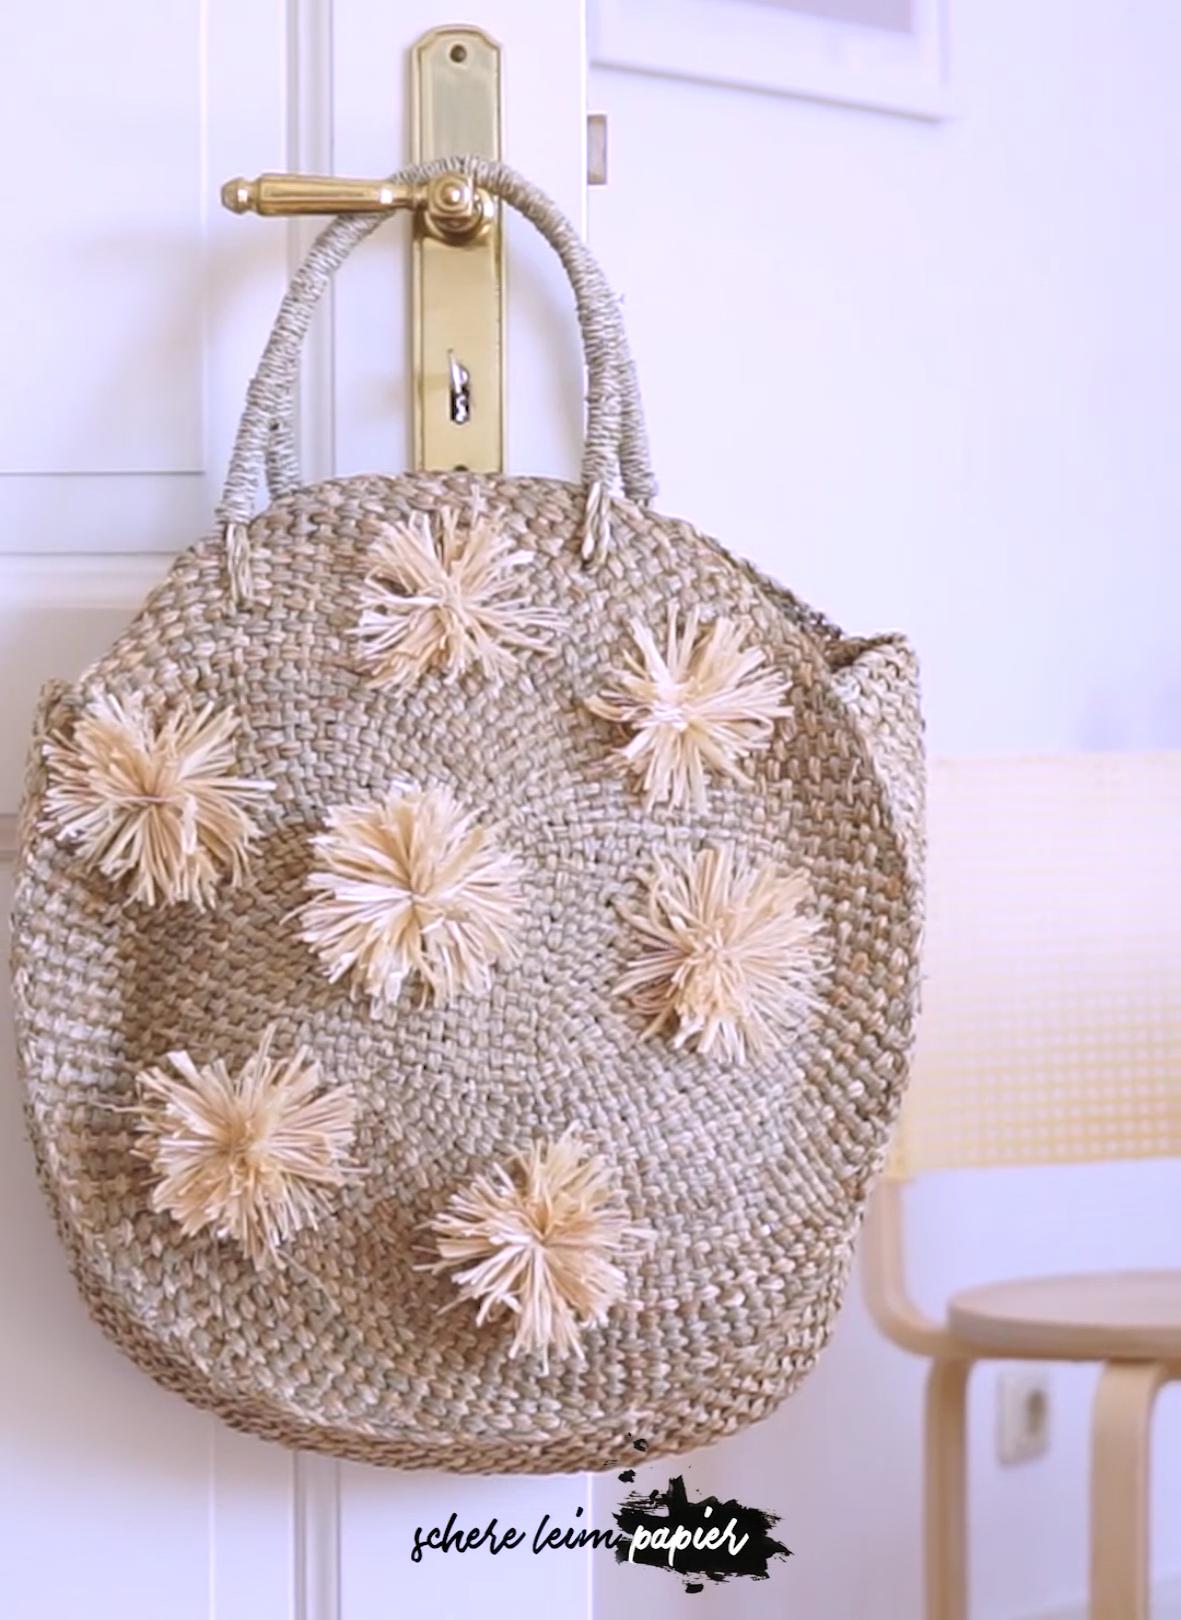 Haga una bolsa con pompones de paja: el verano se puede hacer fácilmente de …